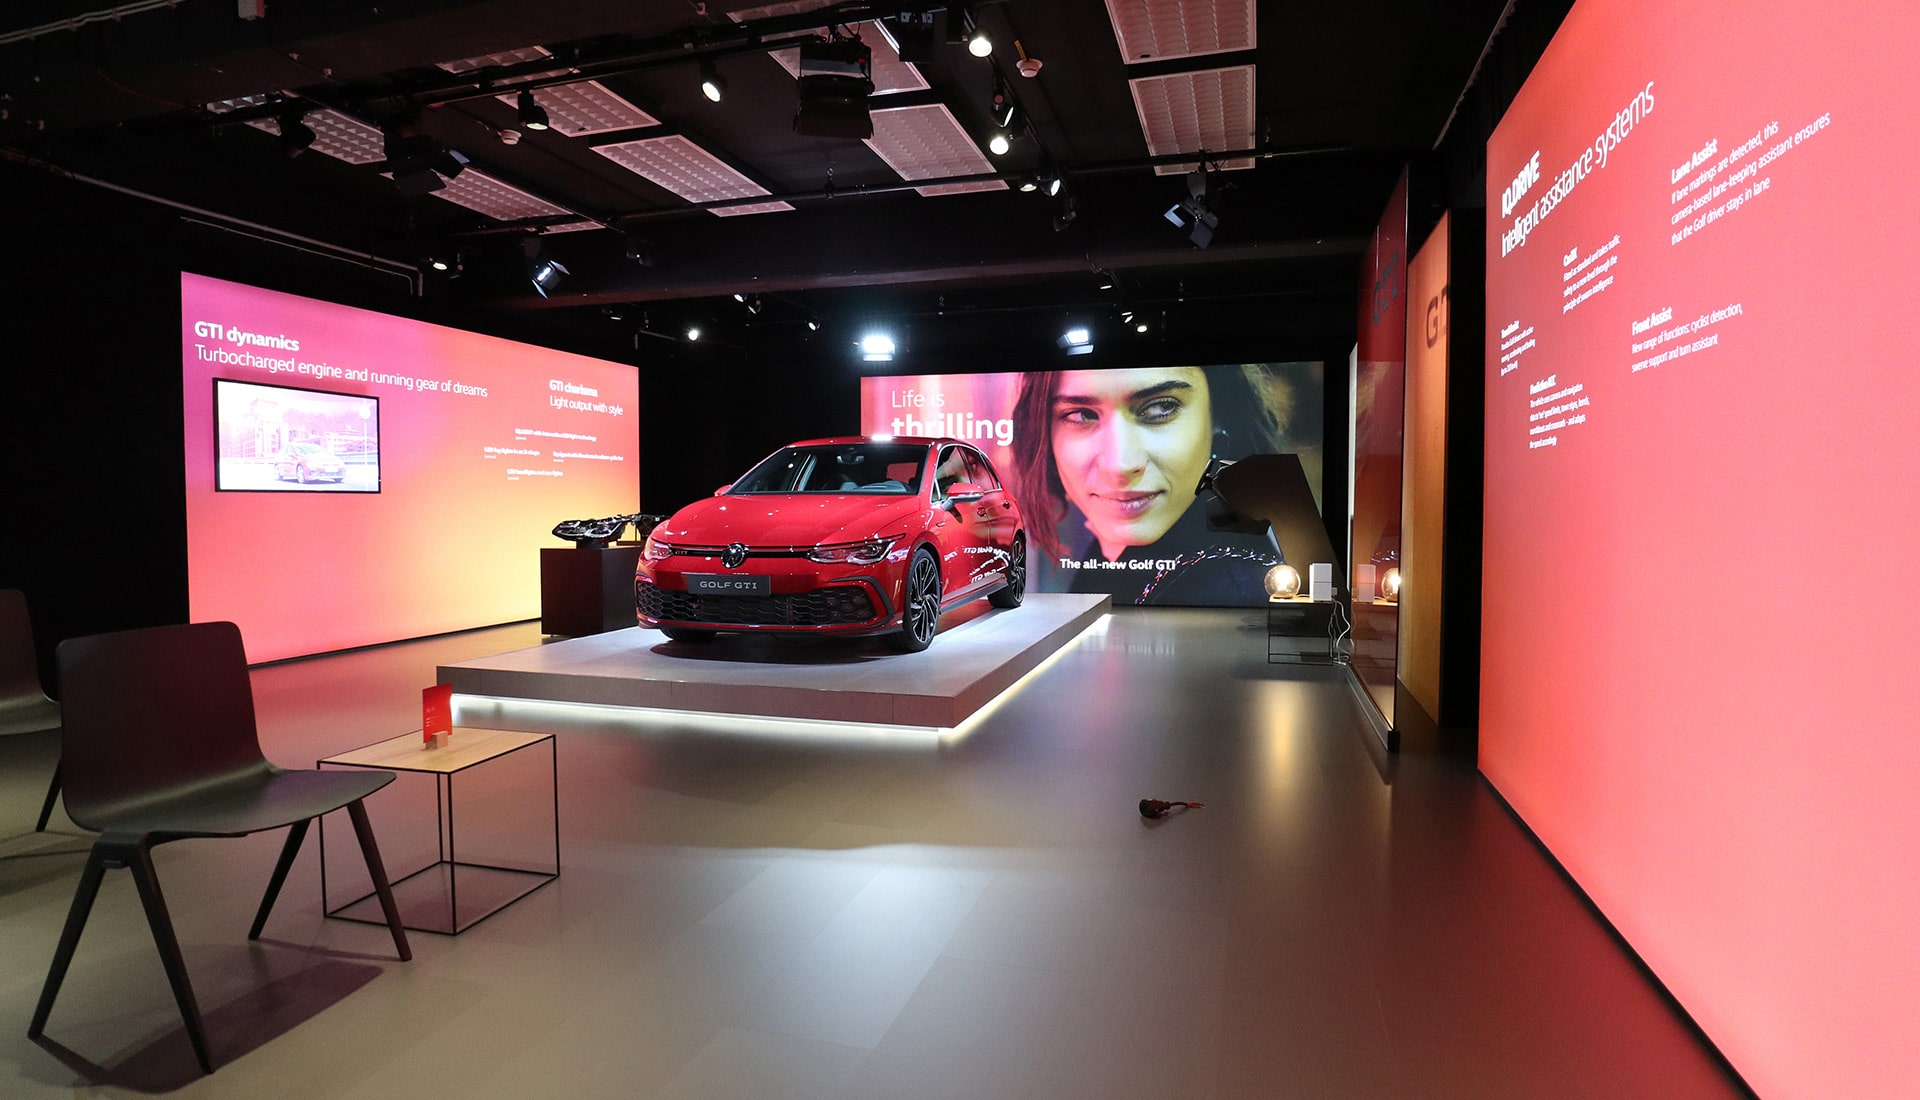 Eventplanung VW Golf GTI   Eventbau   Maedebach Braunschweig  